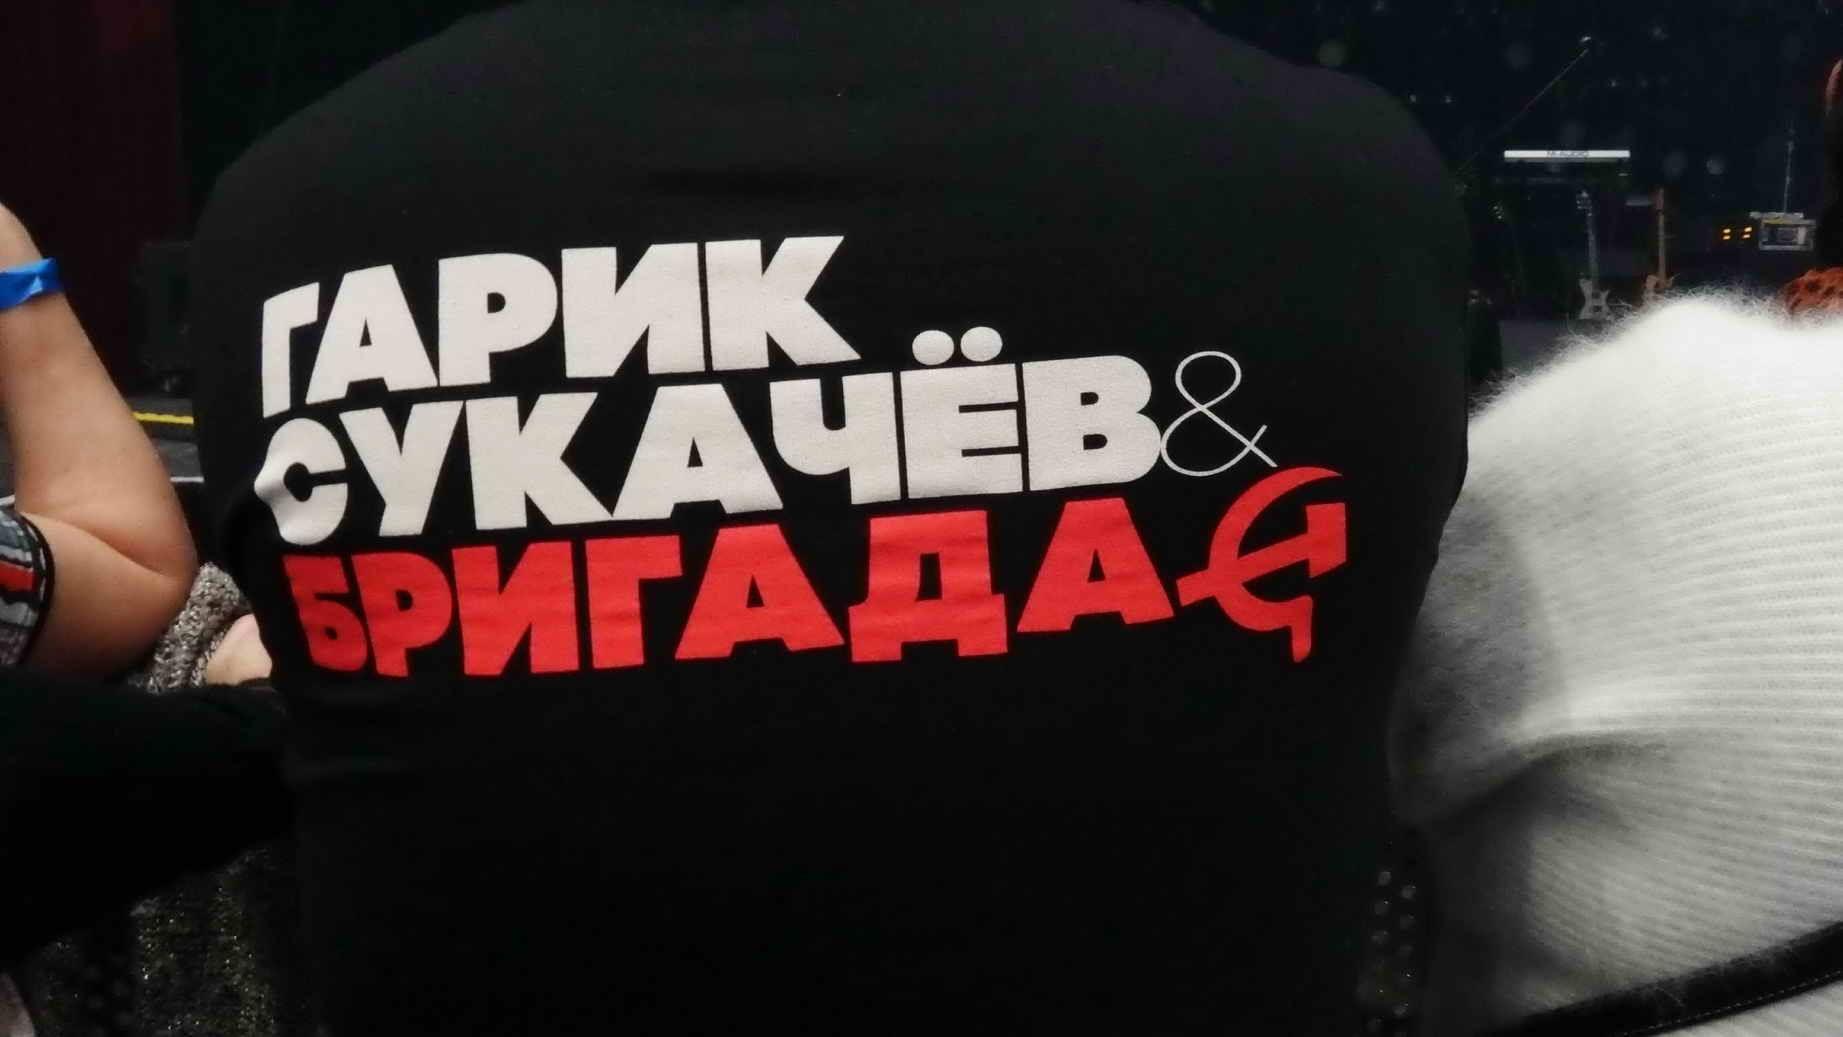 Гарик Сукачев и Бригада С